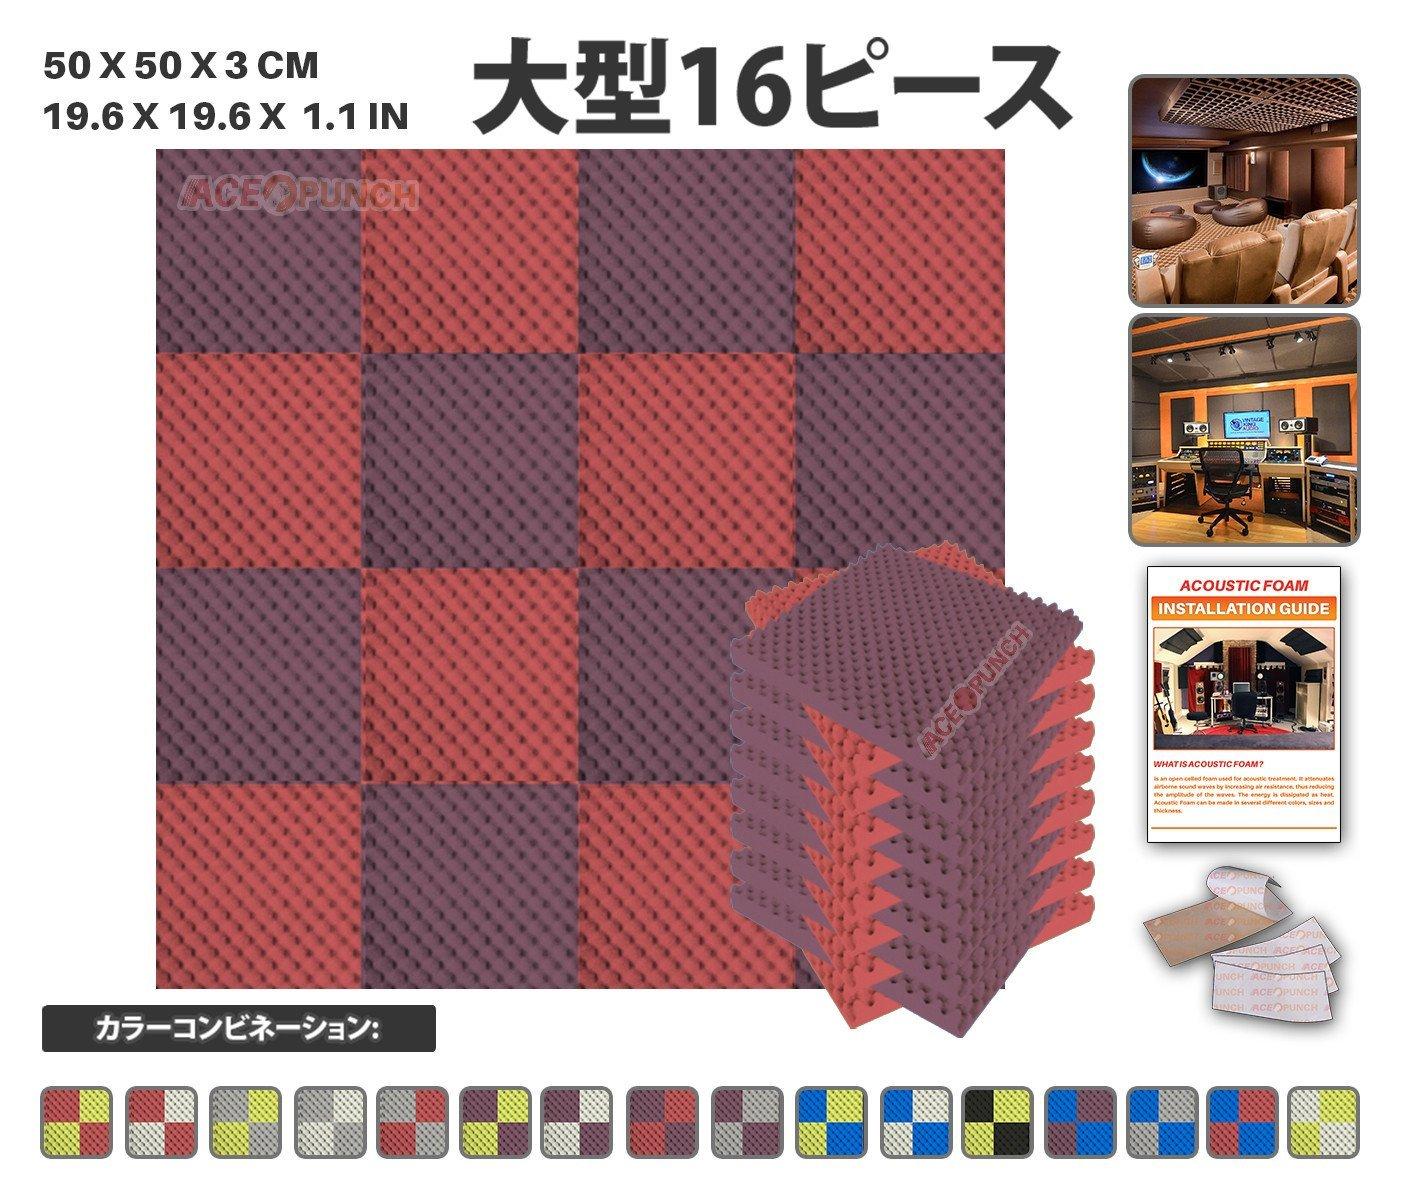 エースパンチ 新しい 16ピースセットブルゴーニュと赤 色の組み合わせ500 x 500 x 30 mm エッグクレート 東京防音 ポリウレタン 吸音材 アコースティックフォーム AP1052 B06XBGL437 ブルゴーニュと赤 ブルゴーニュと赤